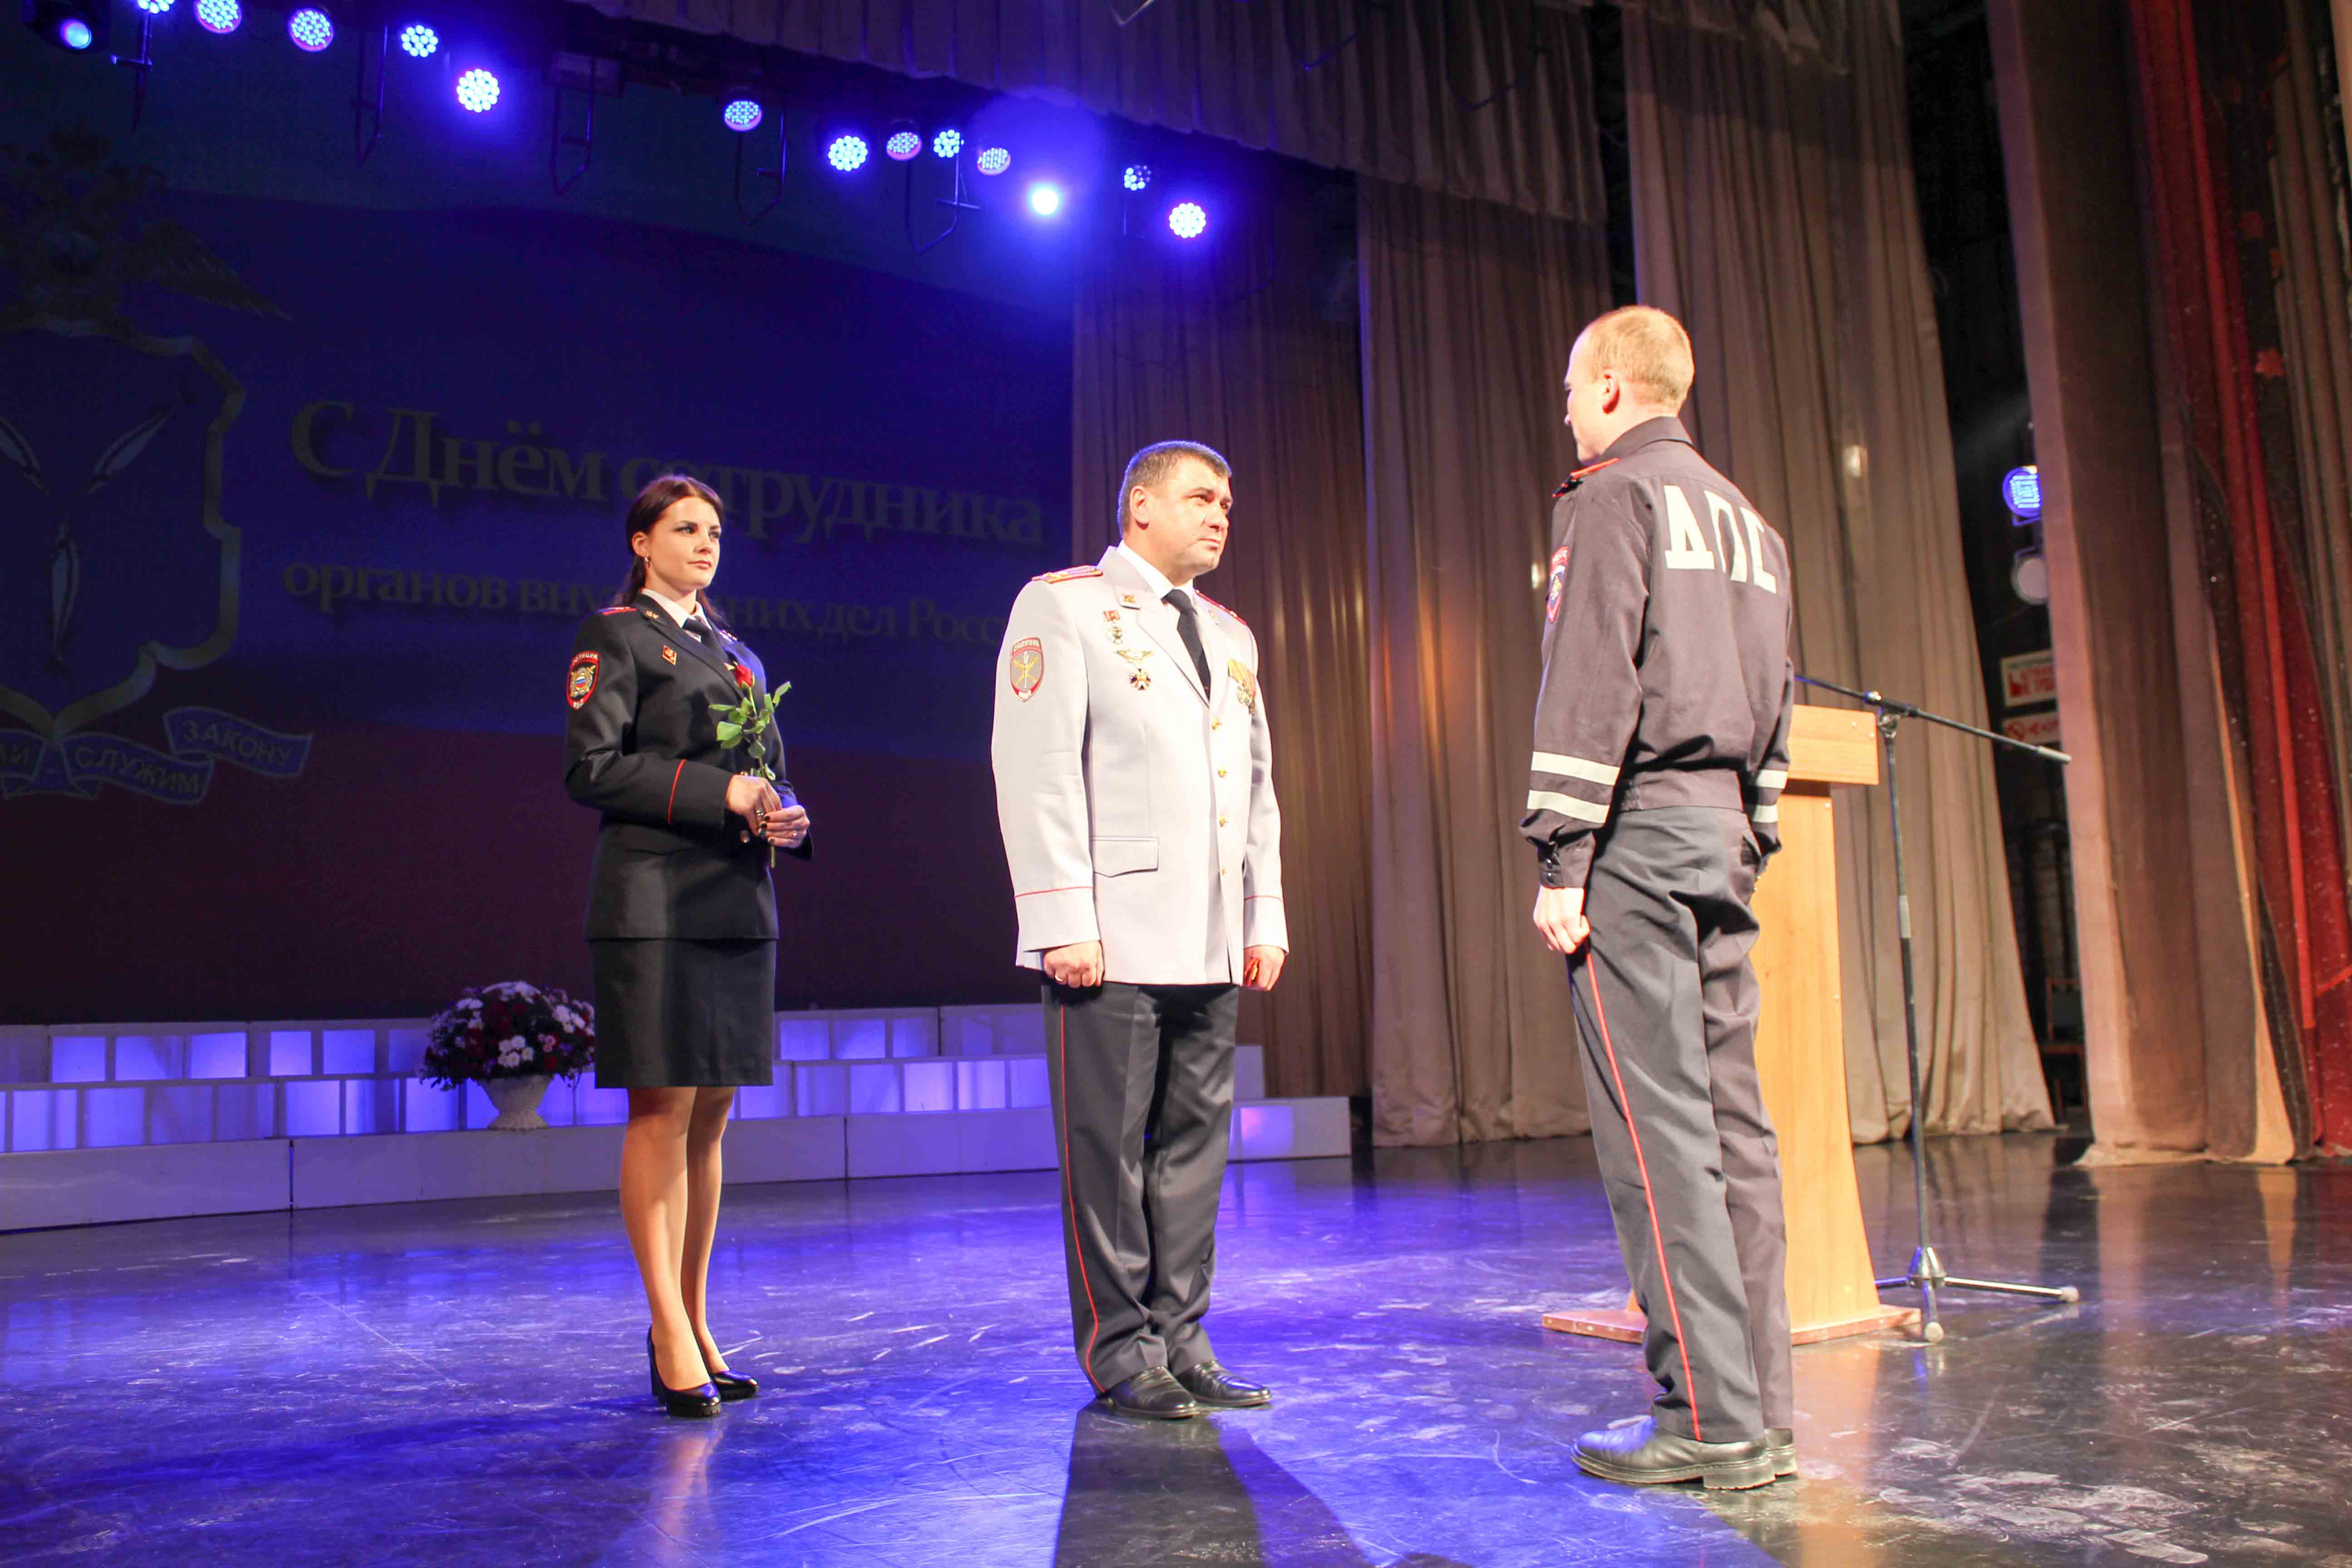 В ДК «Россия» отметили День сотрудника органов внутренних дел